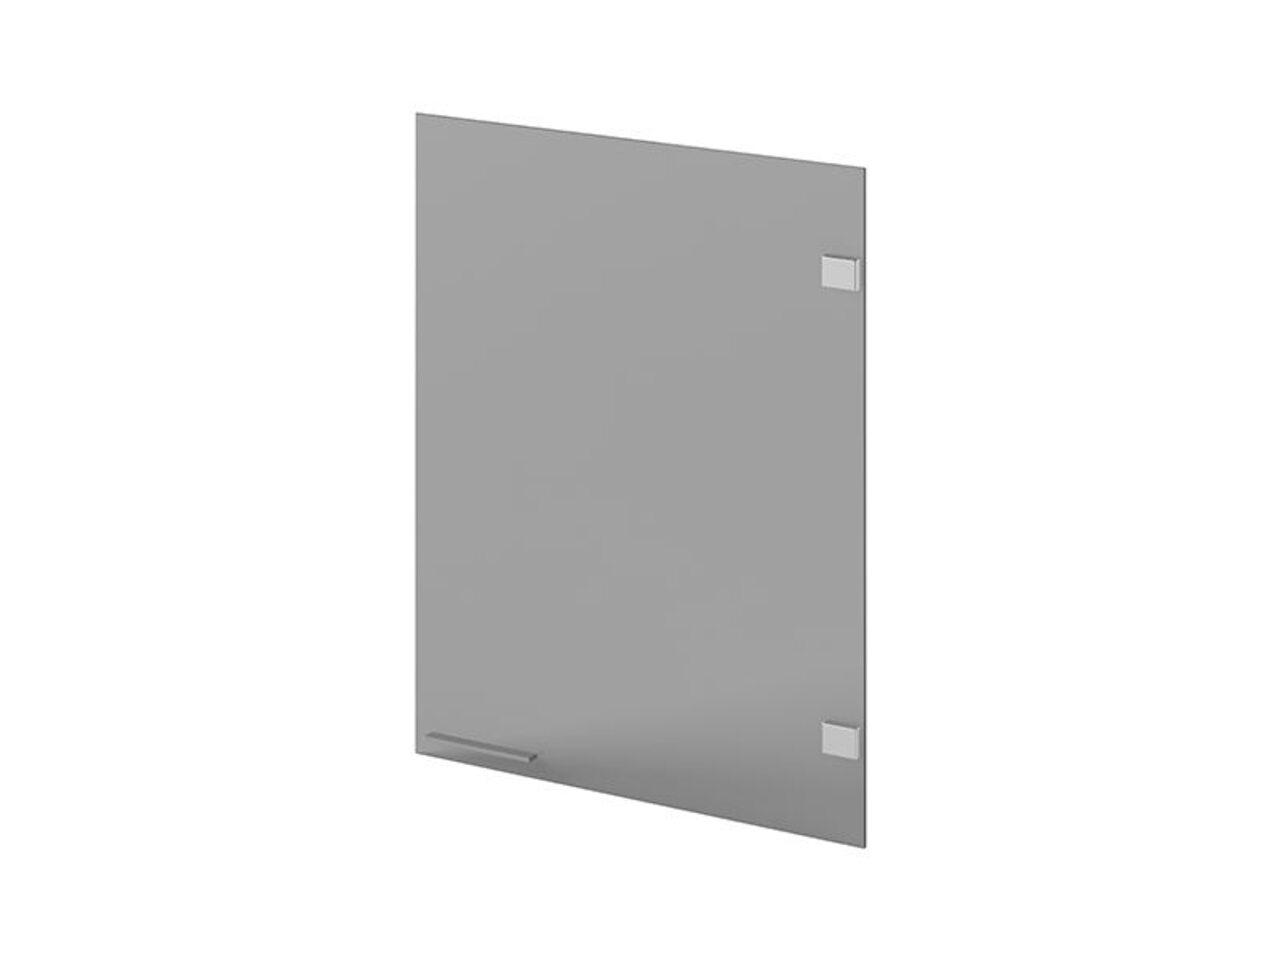 Дверь стеклянная  Инновация 55x1x70 - фото 1